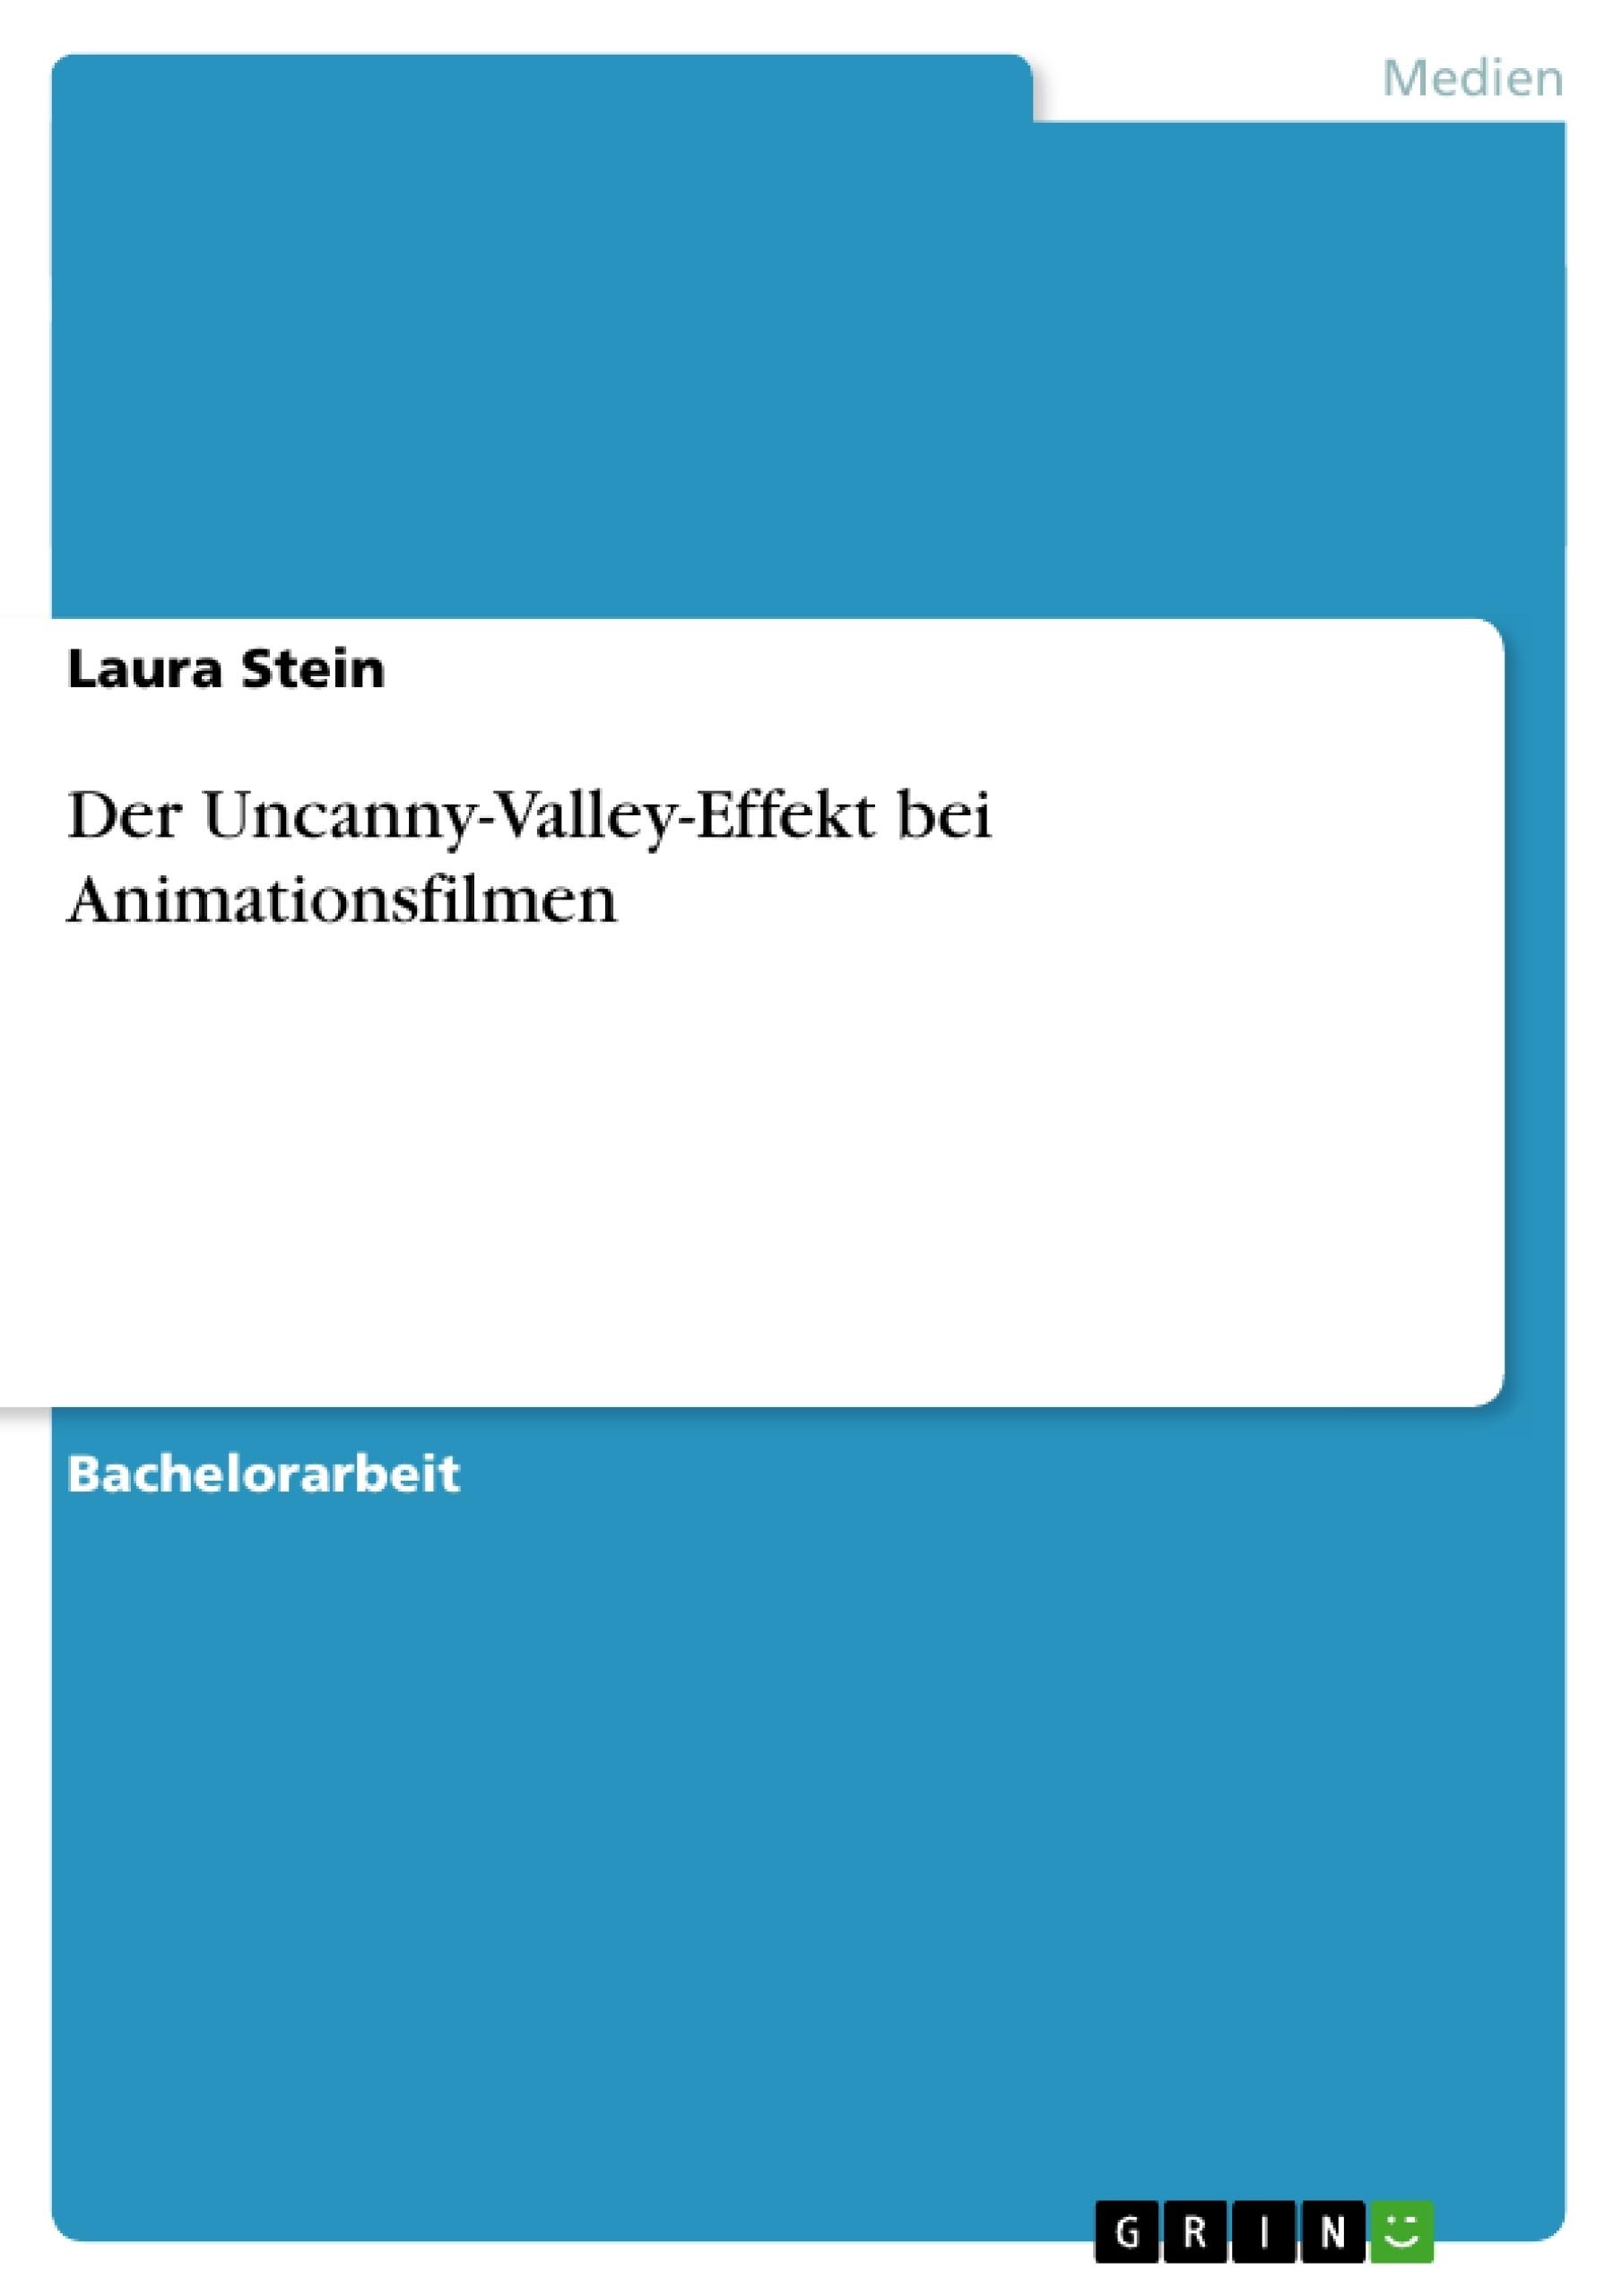 Titel: Der Uncanny-Valley-Effekt bei Animationsfilmen